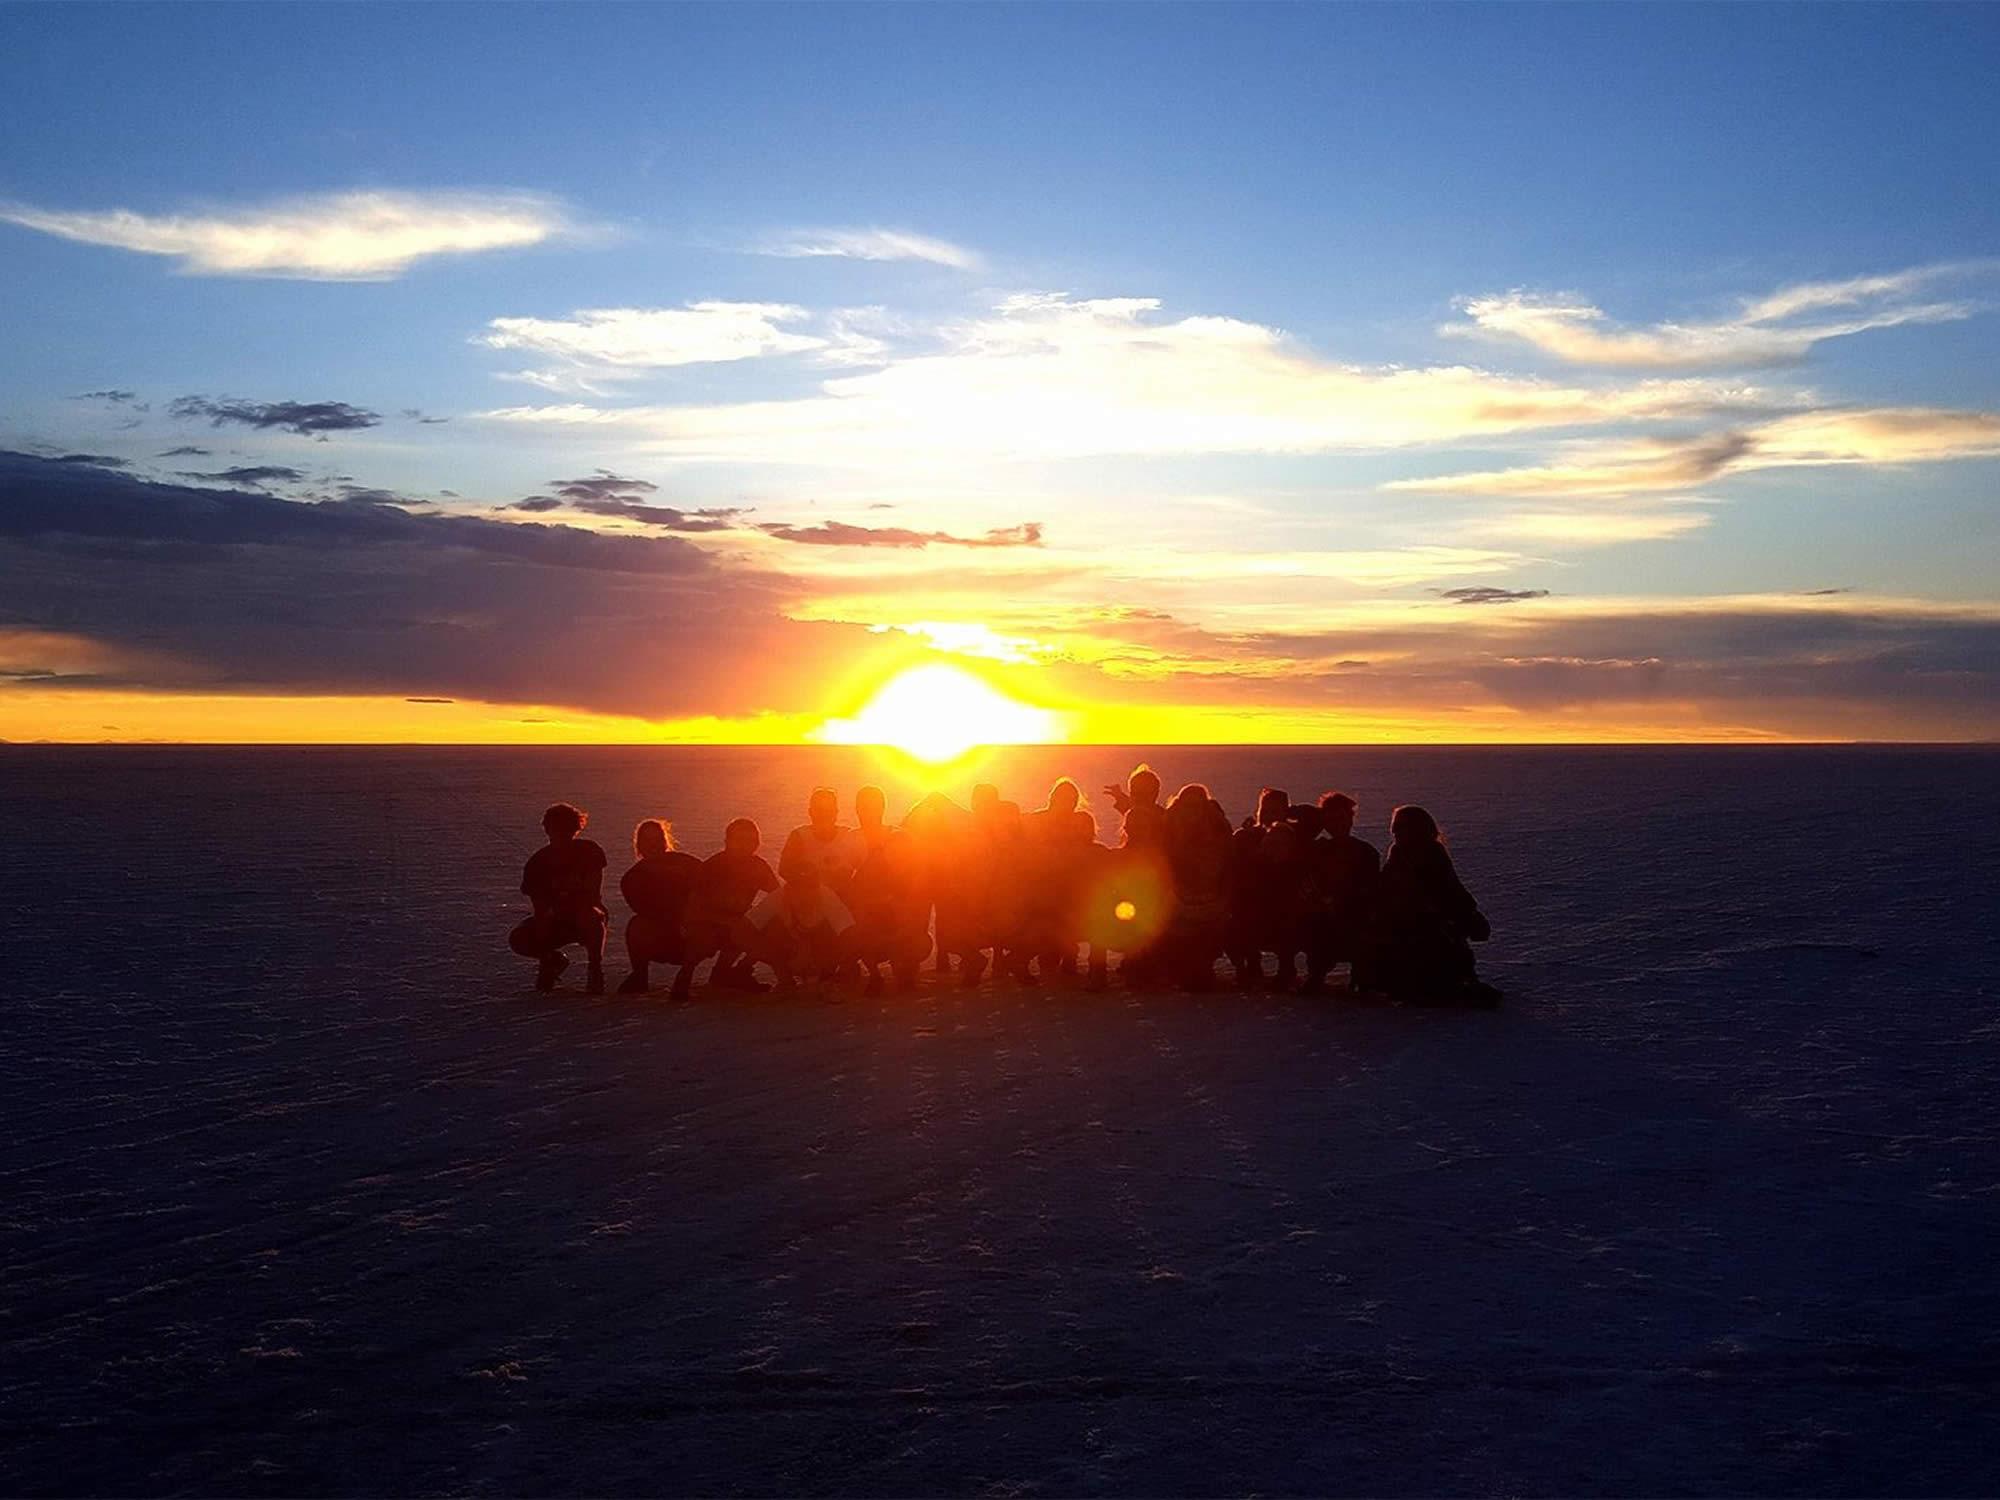 Sunrise in the Salar de Uyuni